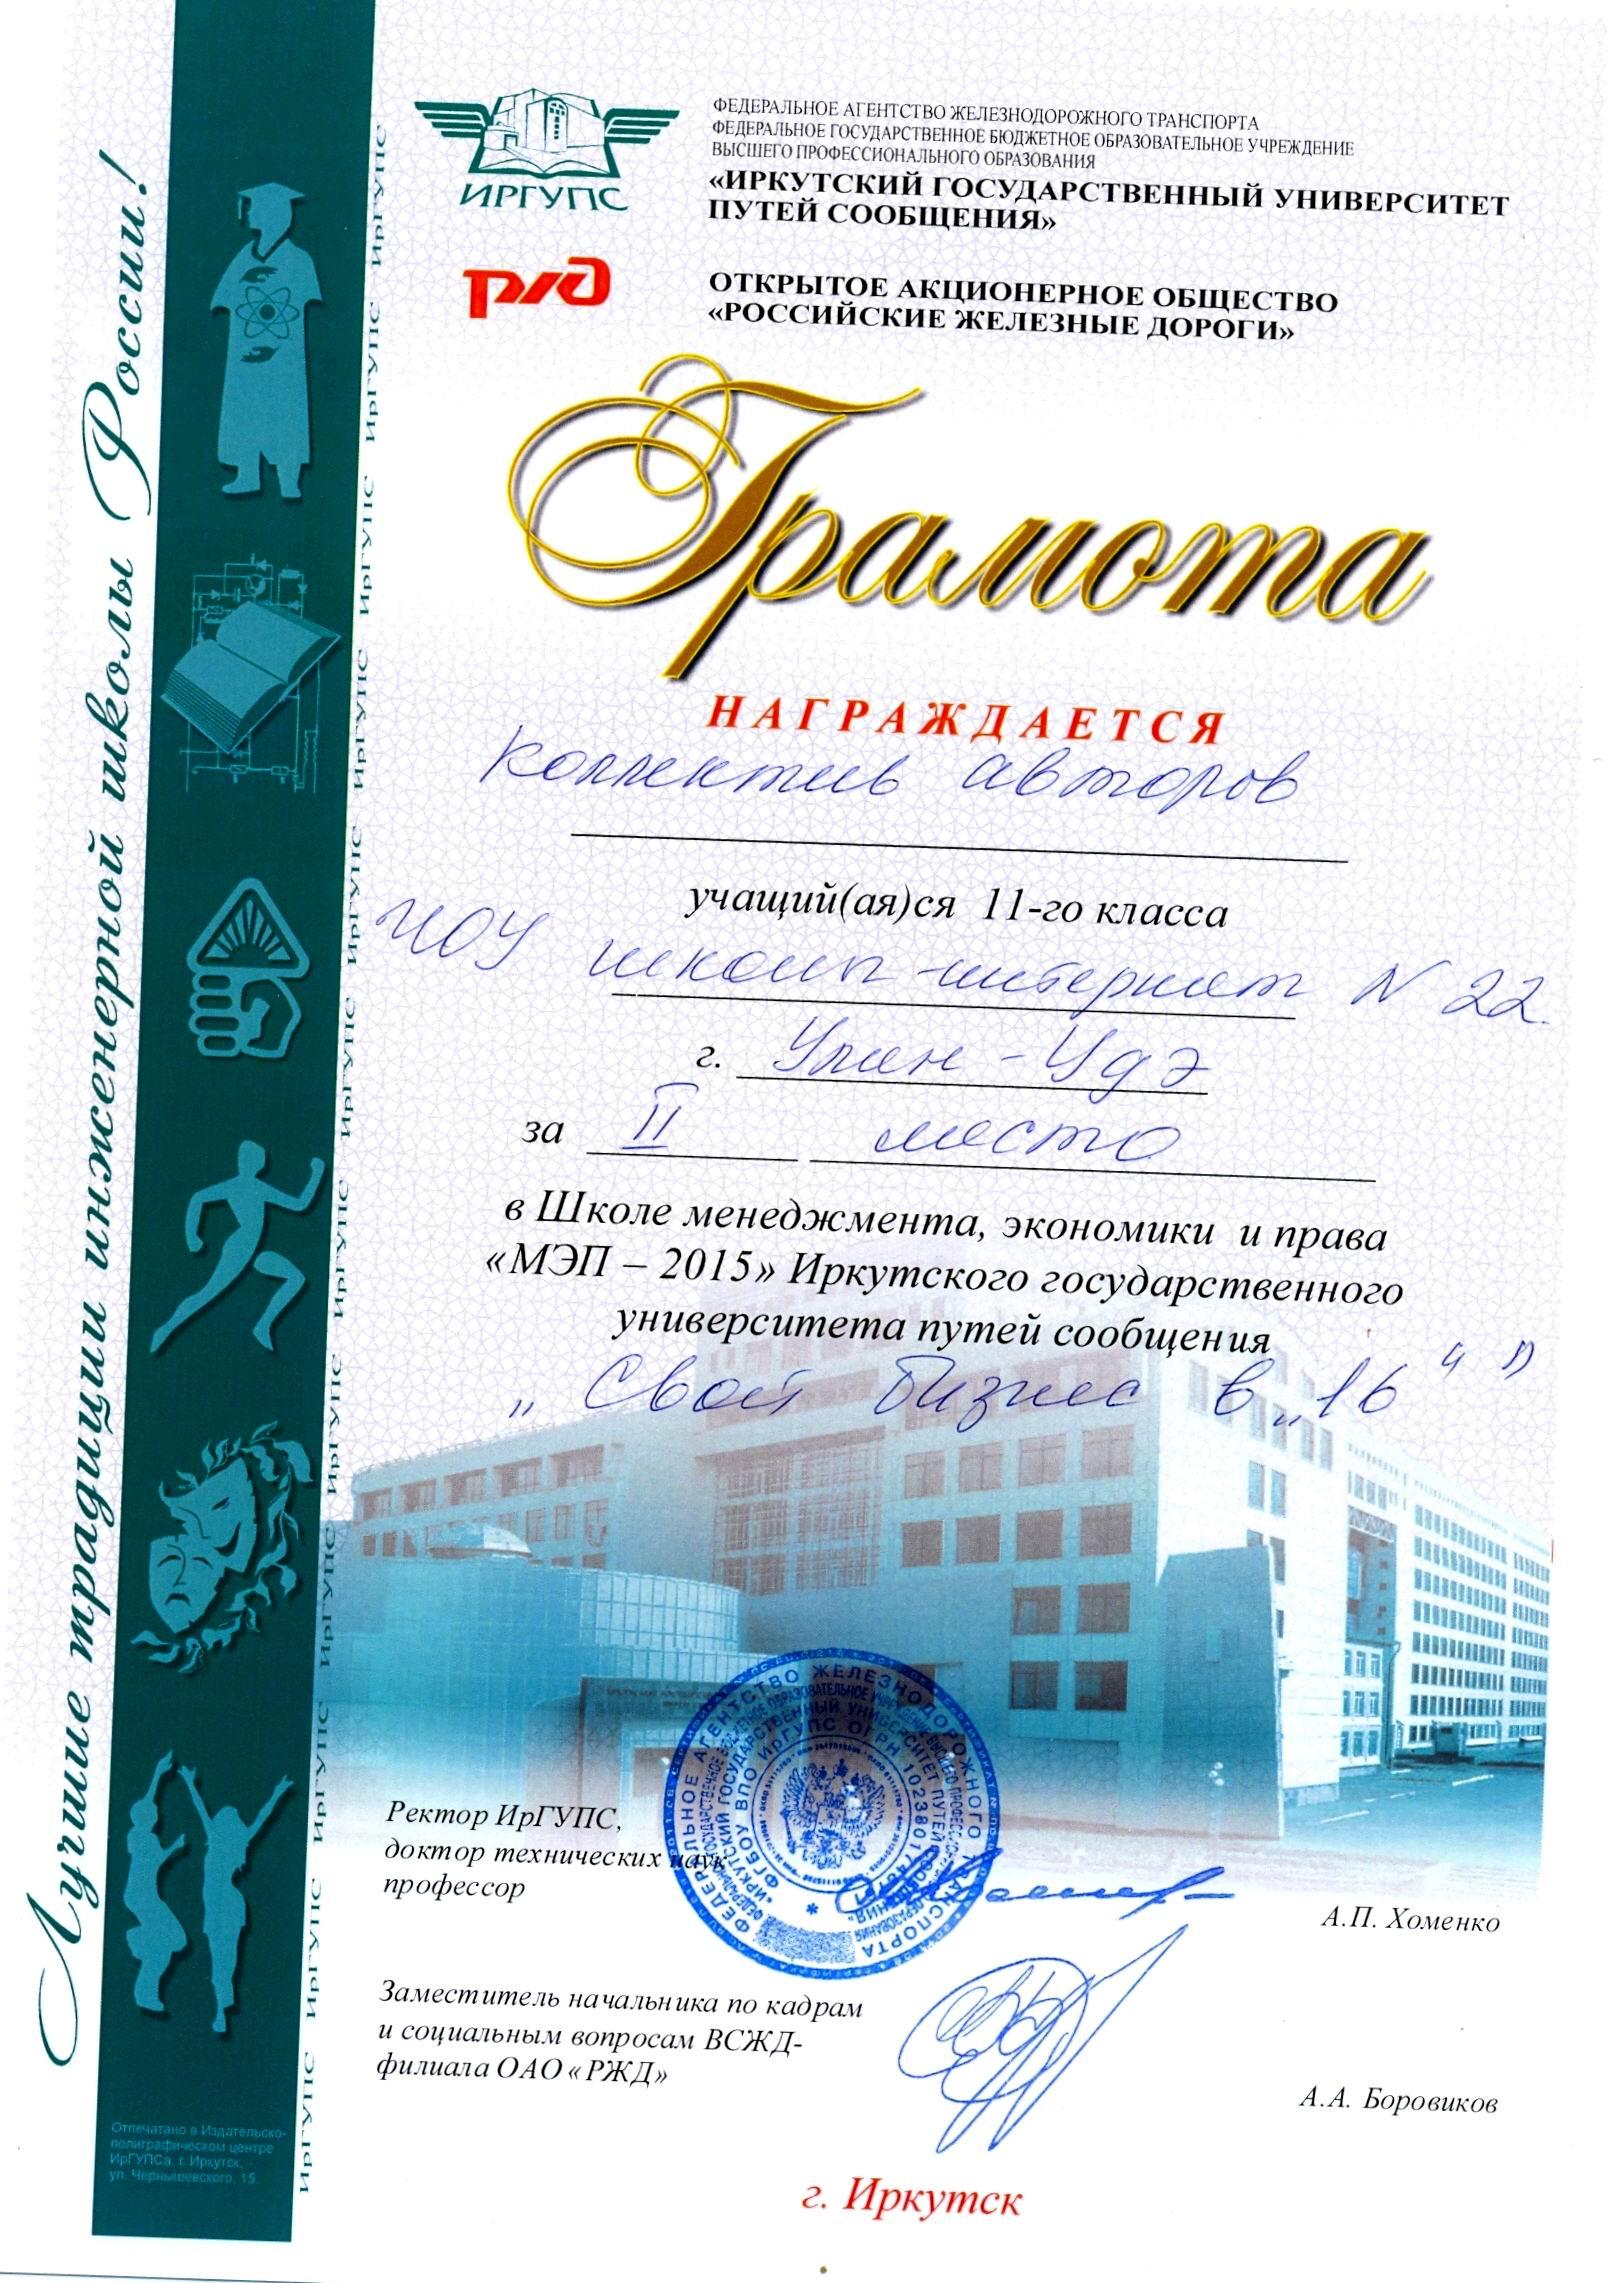 Школа МЭП-2015 ПОЧЕТНАЯ ГРАМОТА за 2 м